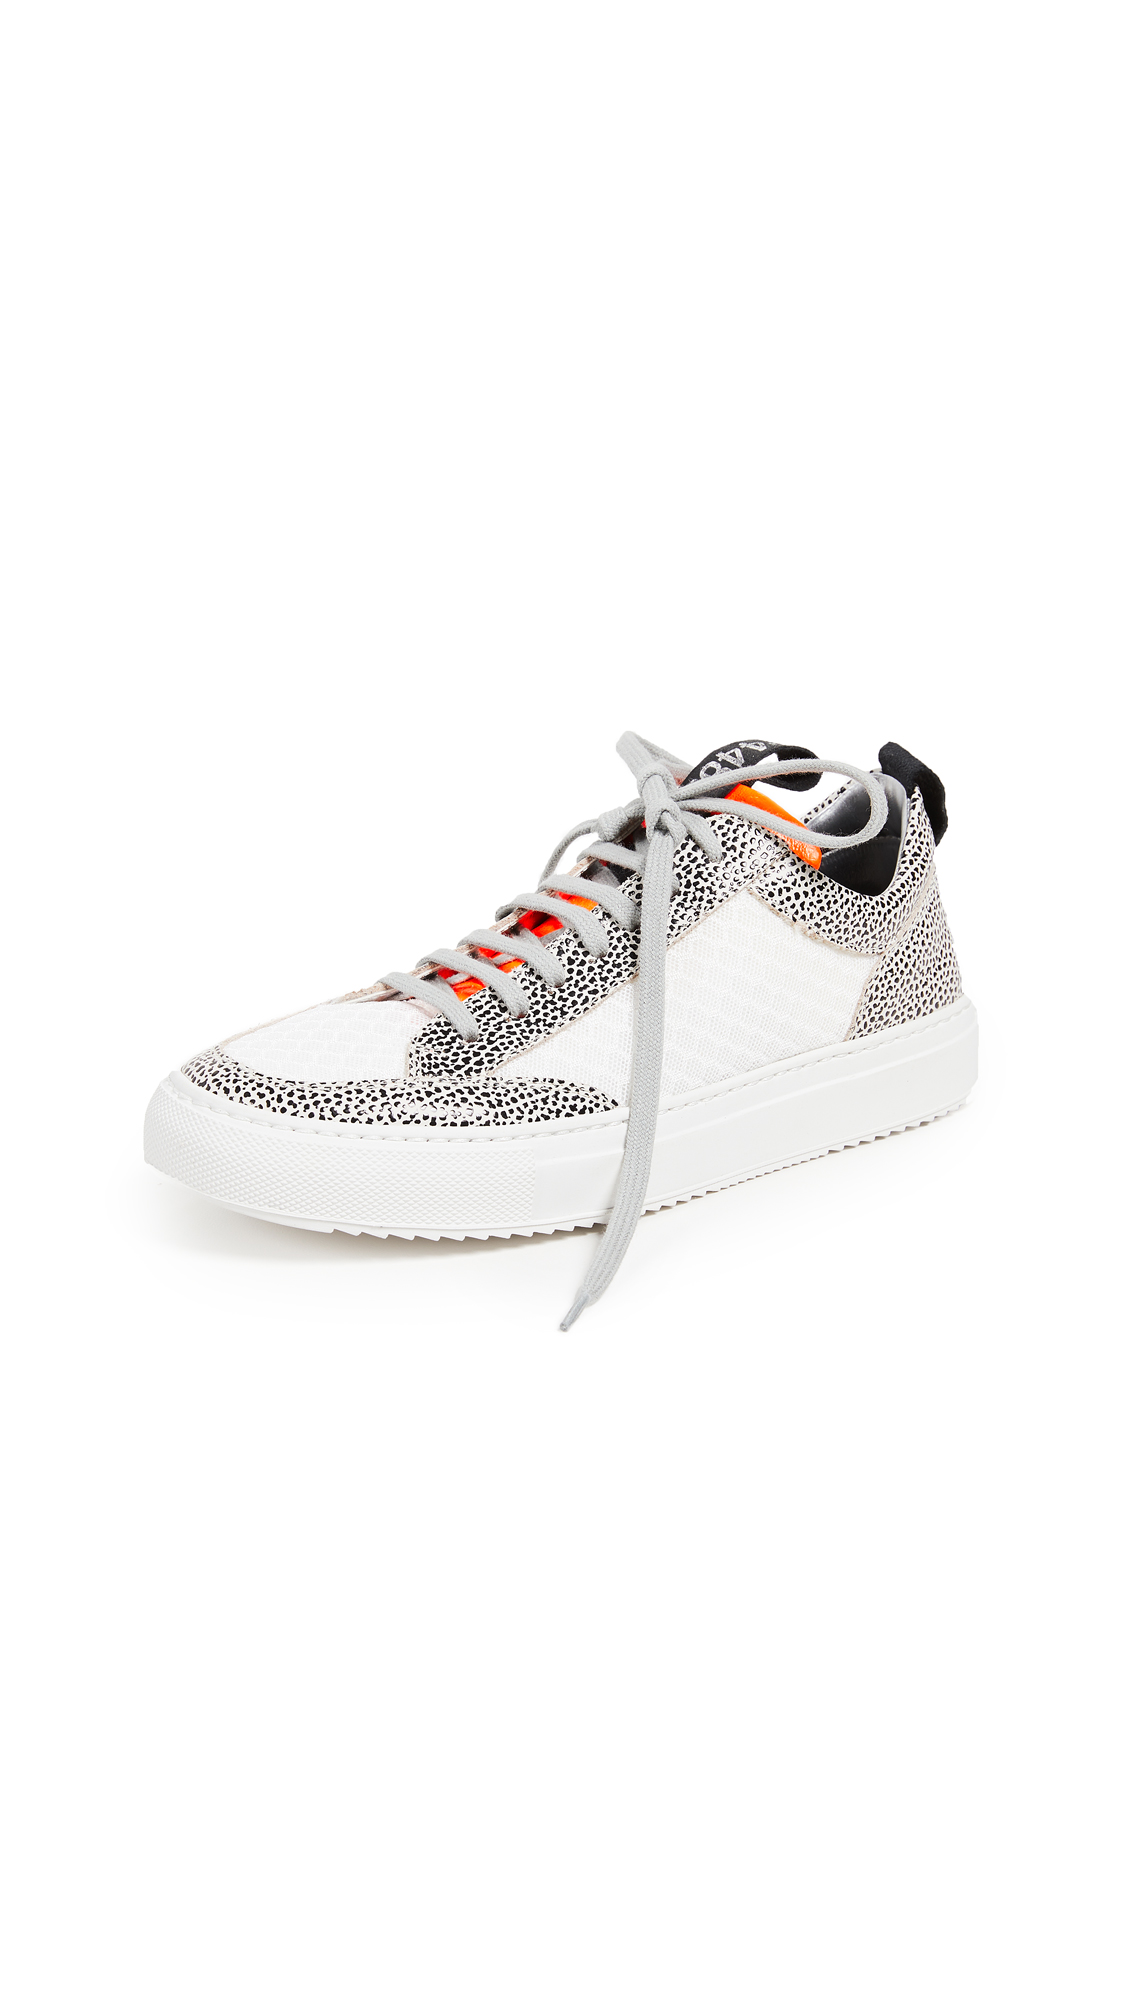 P448 Soho Sneakers - White Tec